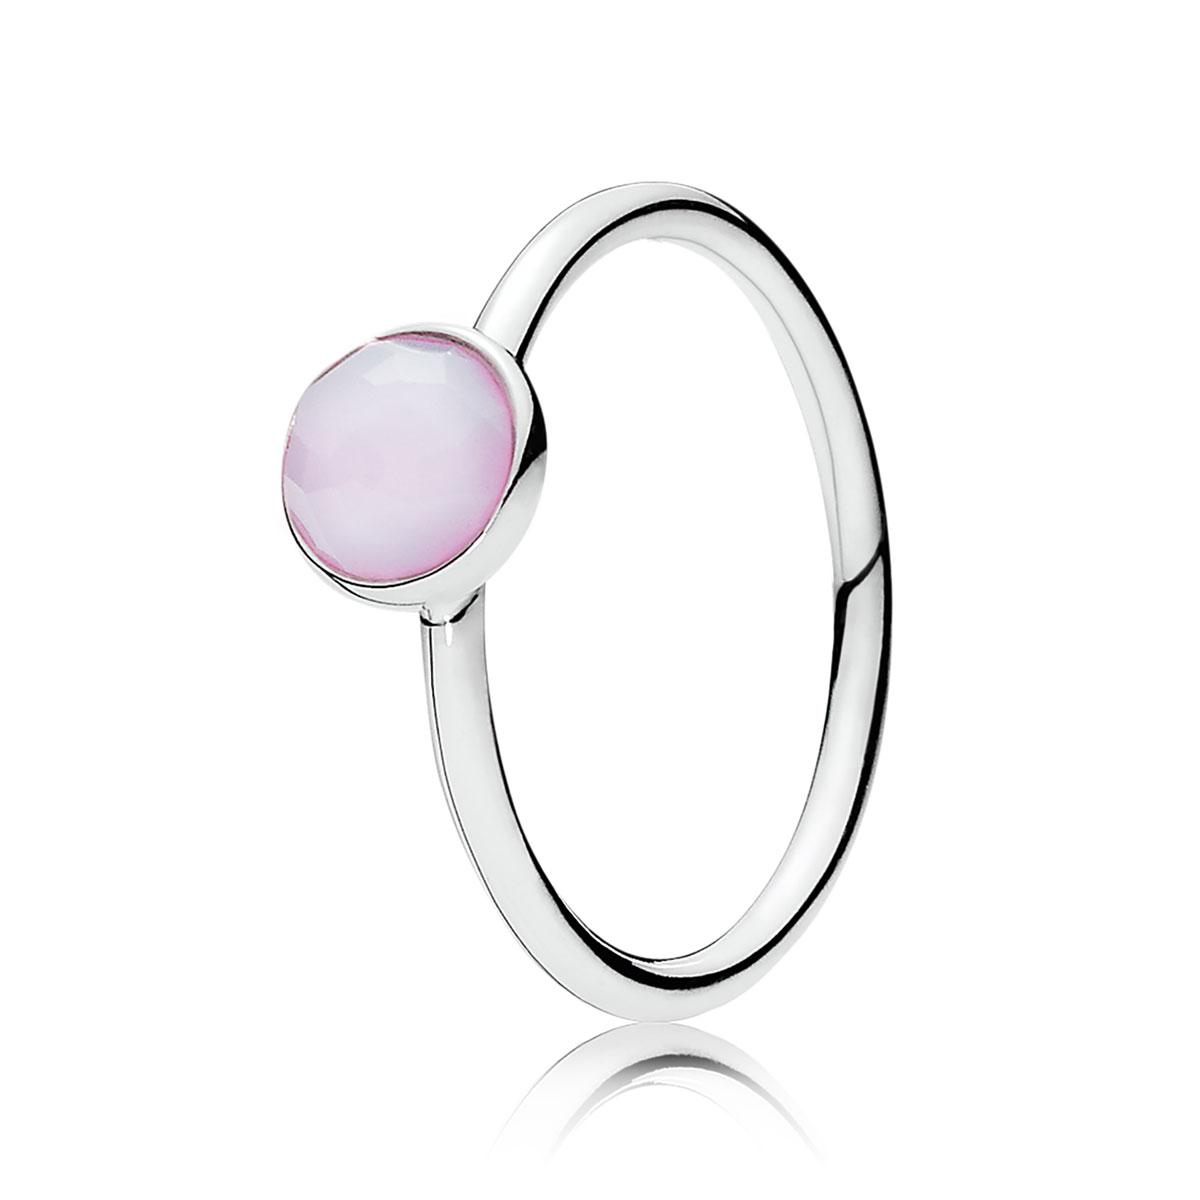 6ddc1df8a Pandora ring kroon – Dure sieraden met diamanten